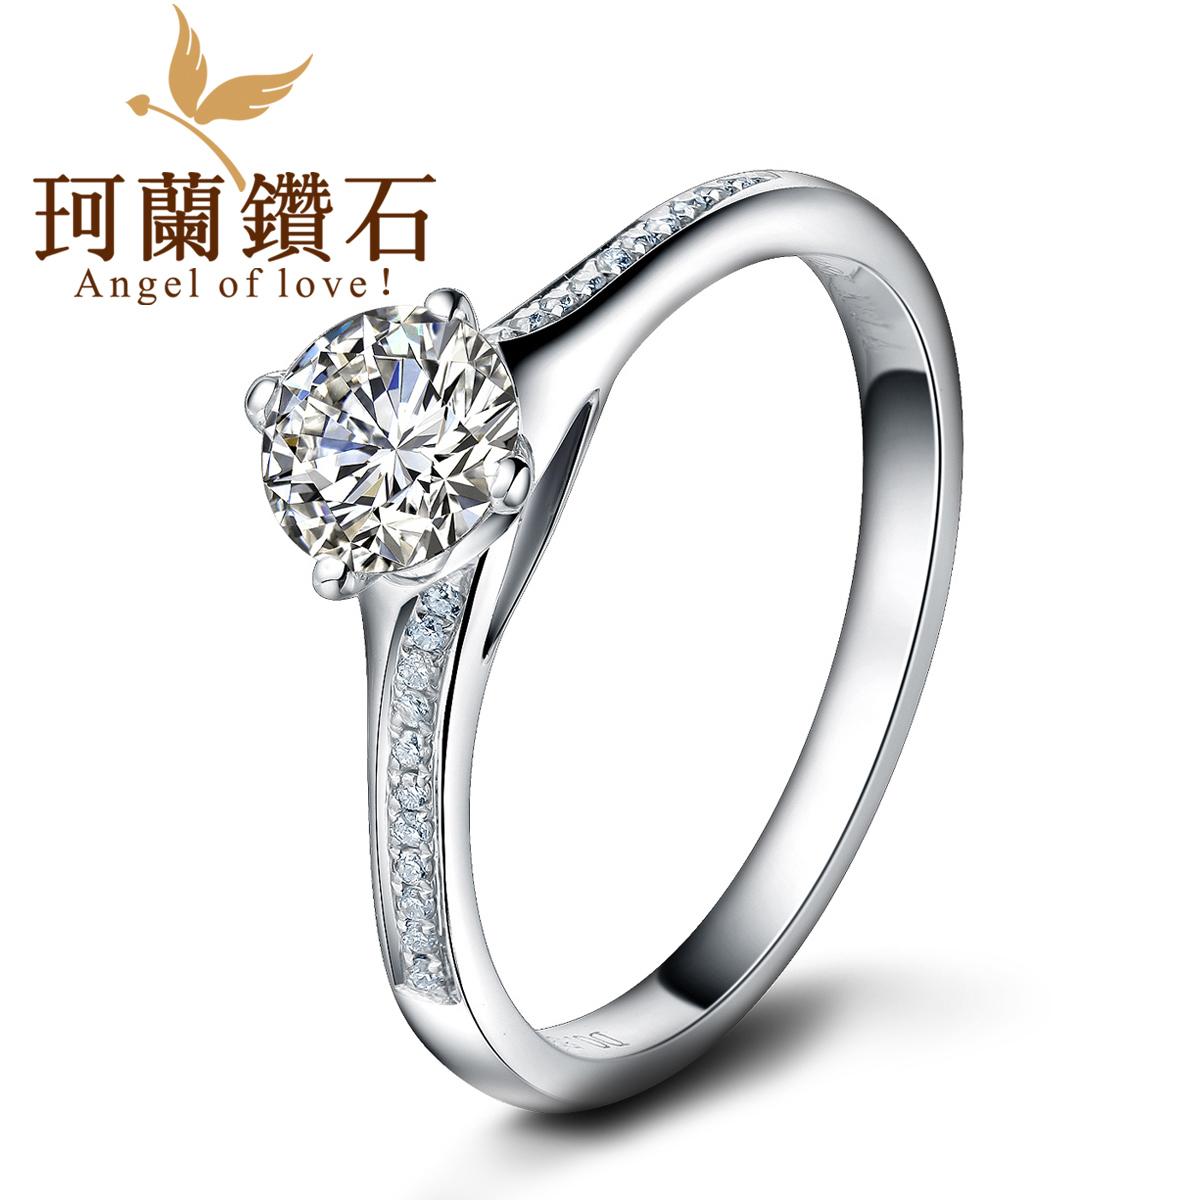 珂兰钻石 18K白金四爪群镶戒托钻戒指裸钻定制珠宝正品群镶 蔷薇L